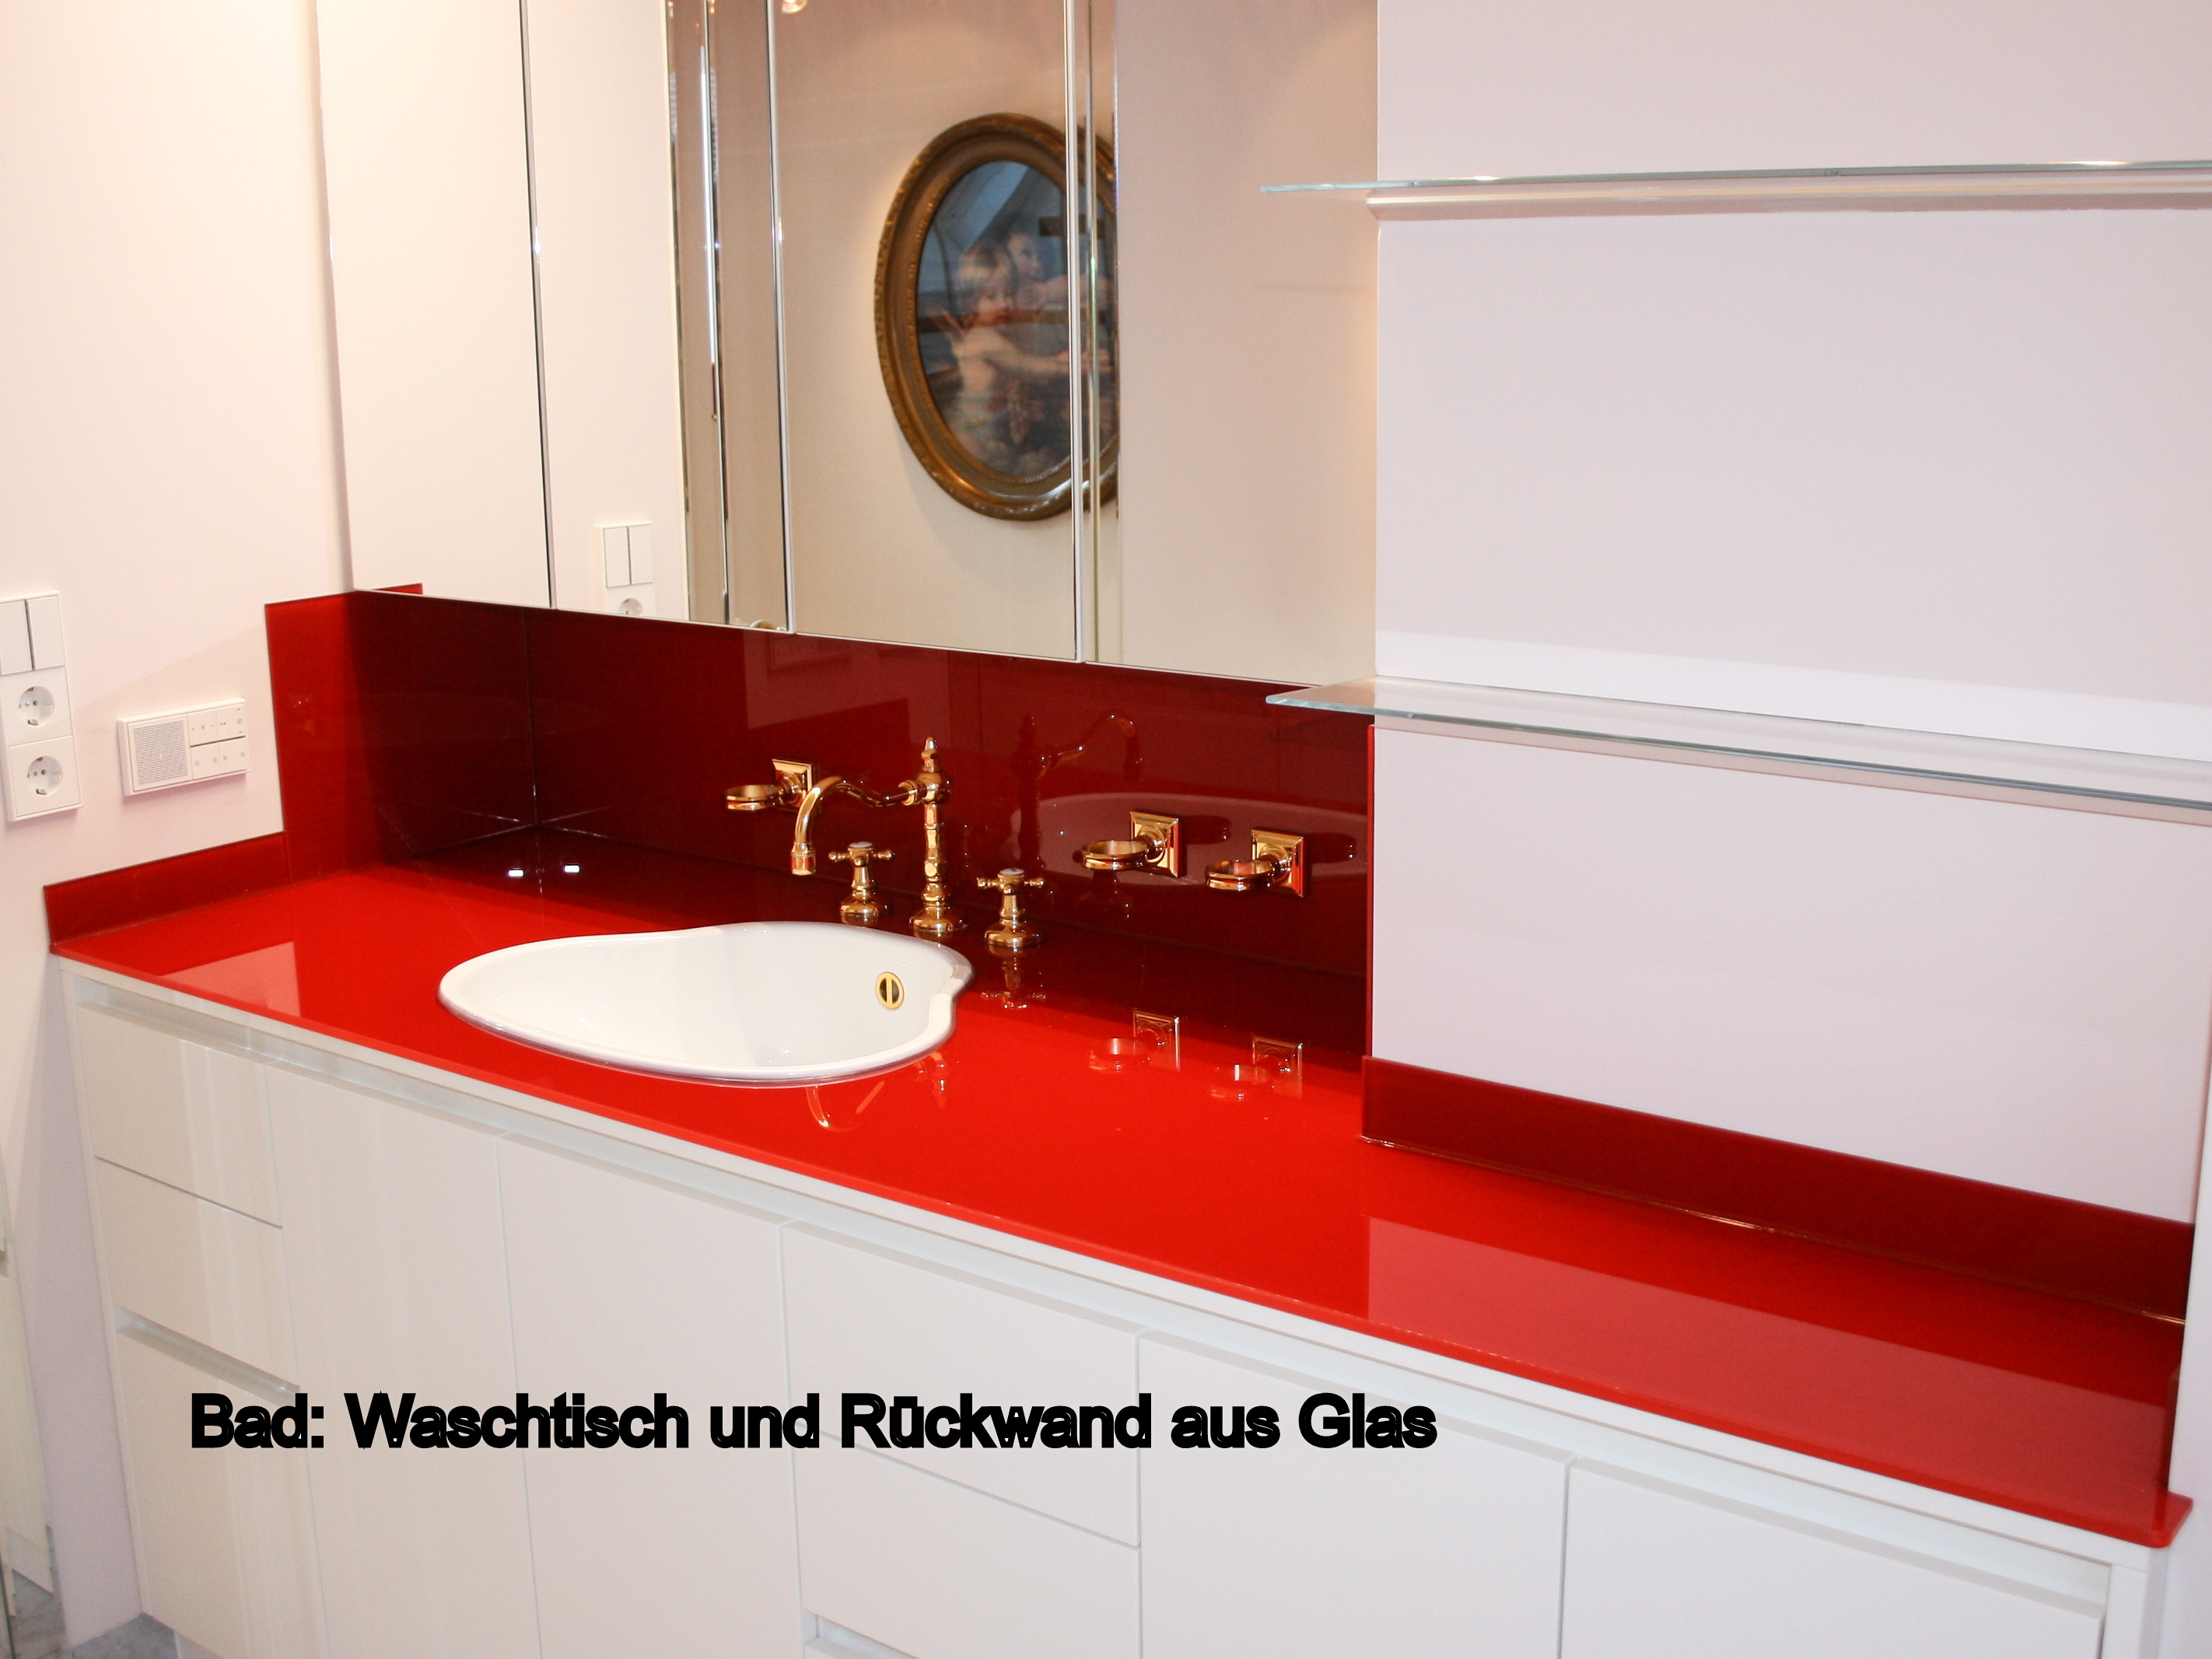 Waschbecken glas schuhmann for Waschbecken bad